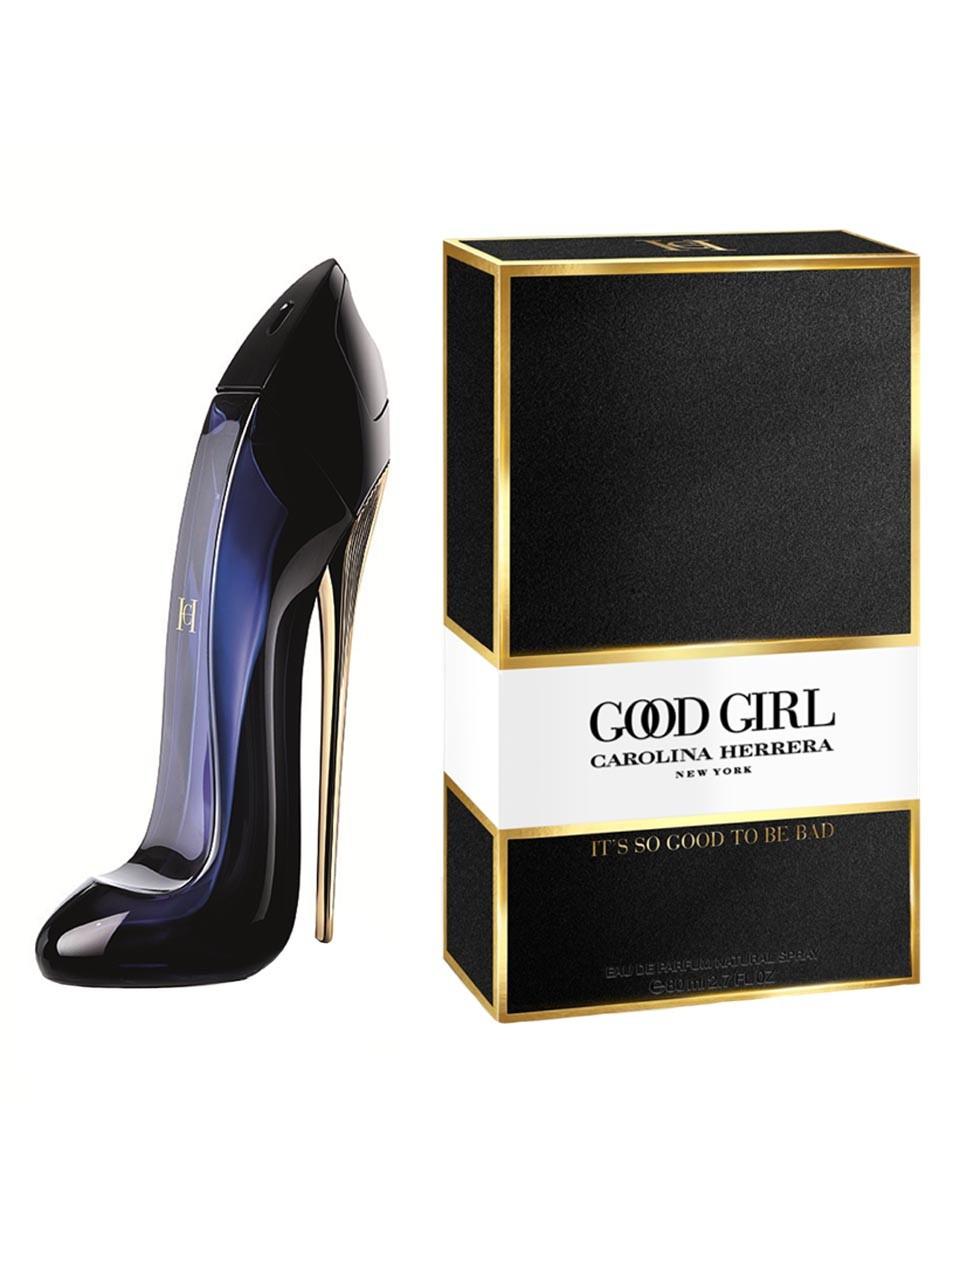 Carolina Herrera Good Girl Parfüm Kullananlar Ve Hakkında Yorumları